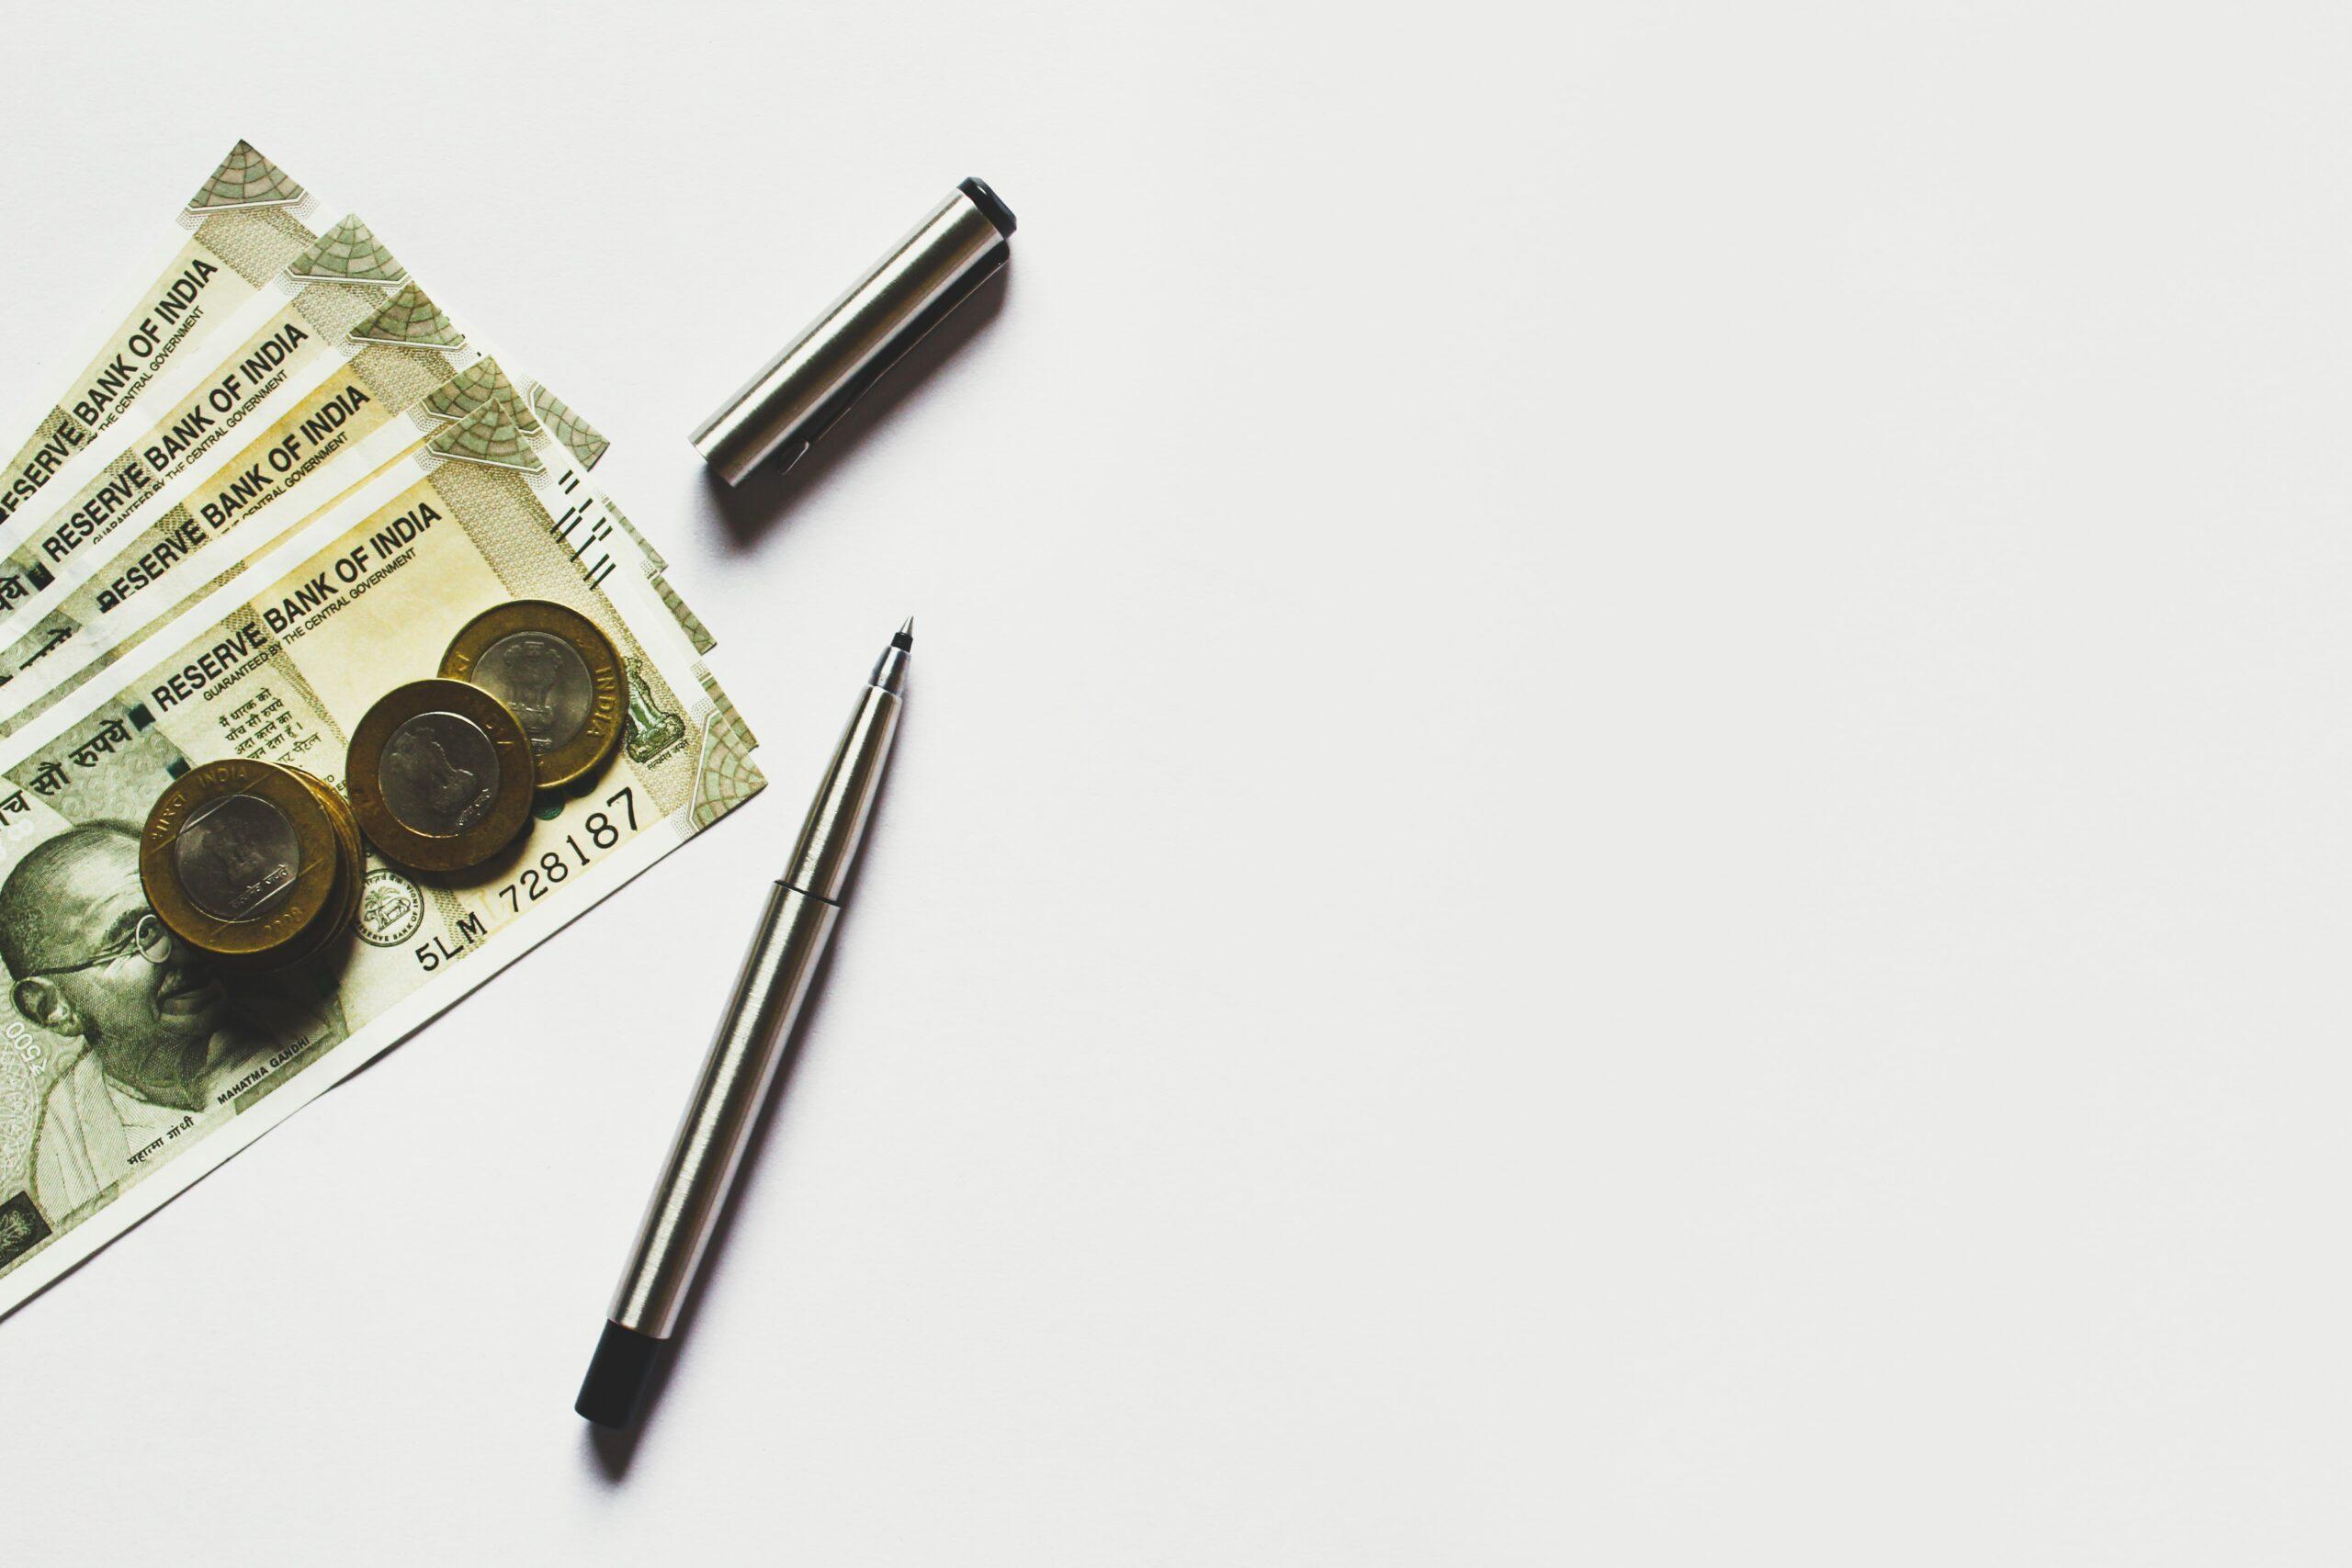 Tengo problemas para definir en mi negocio los costos de mis productos o servicios